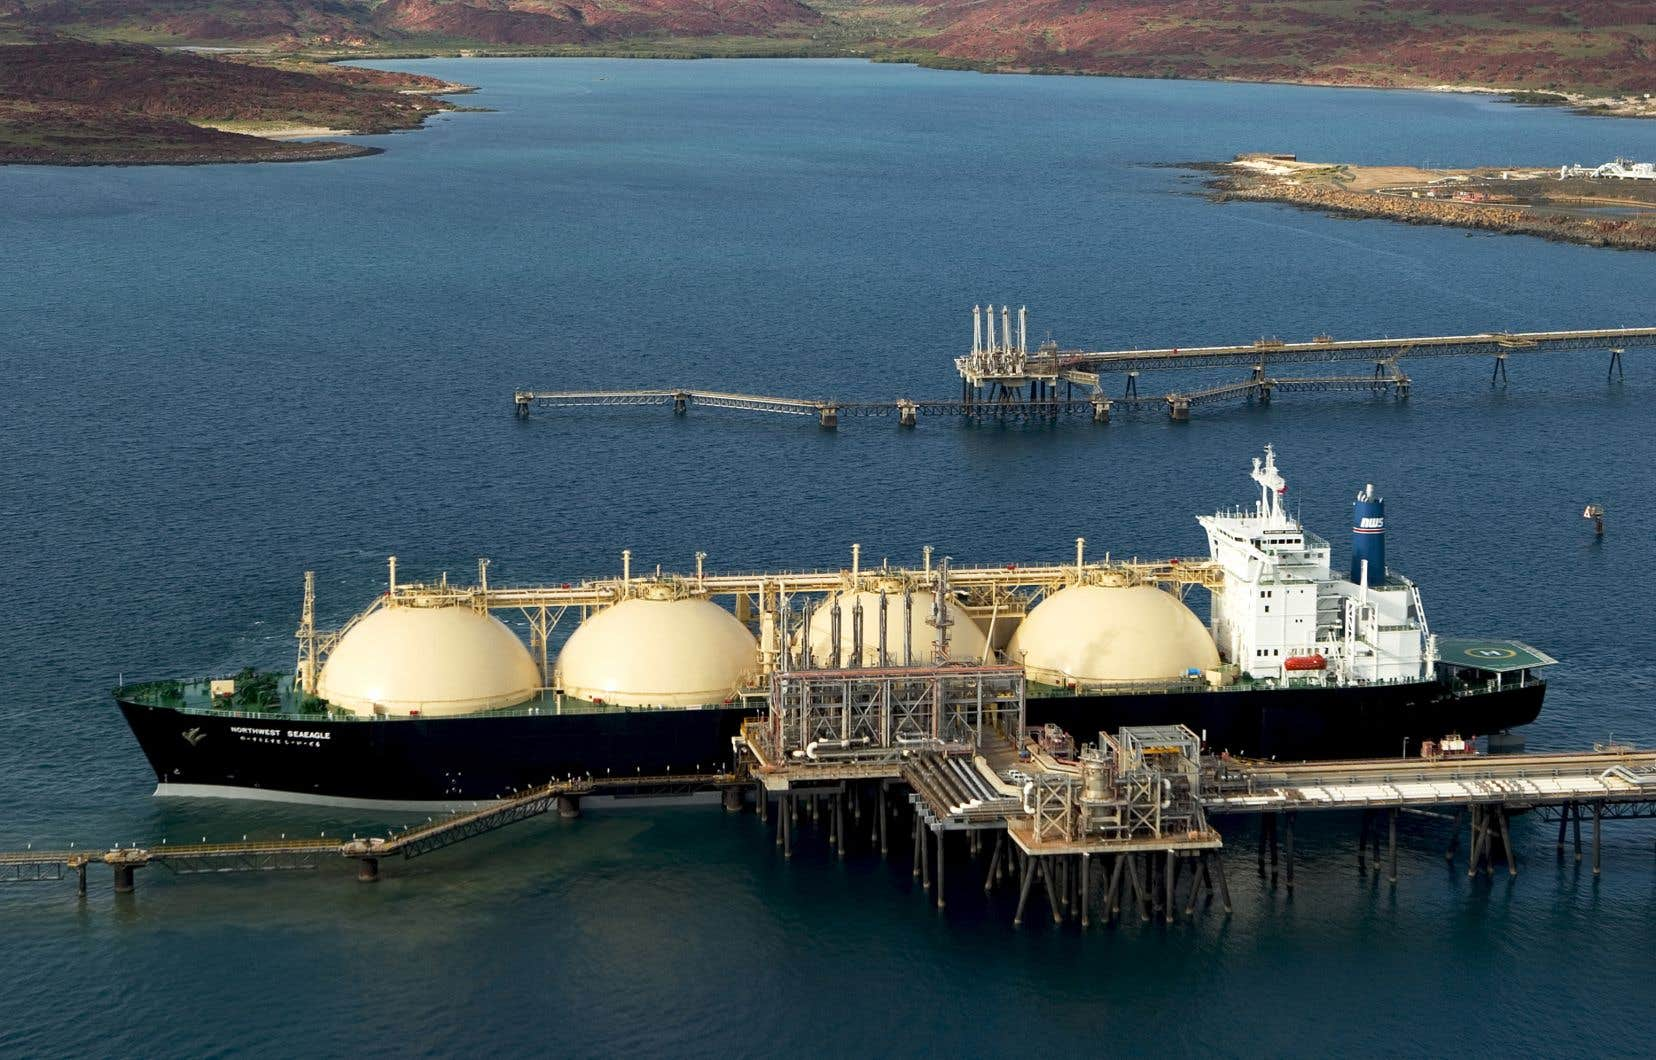 Le gaz naturel liquéfié de GNL Québec serait exporté par navire, à raison de 300 à 400 passages par année sur le Saguenay et dans le parc marin.